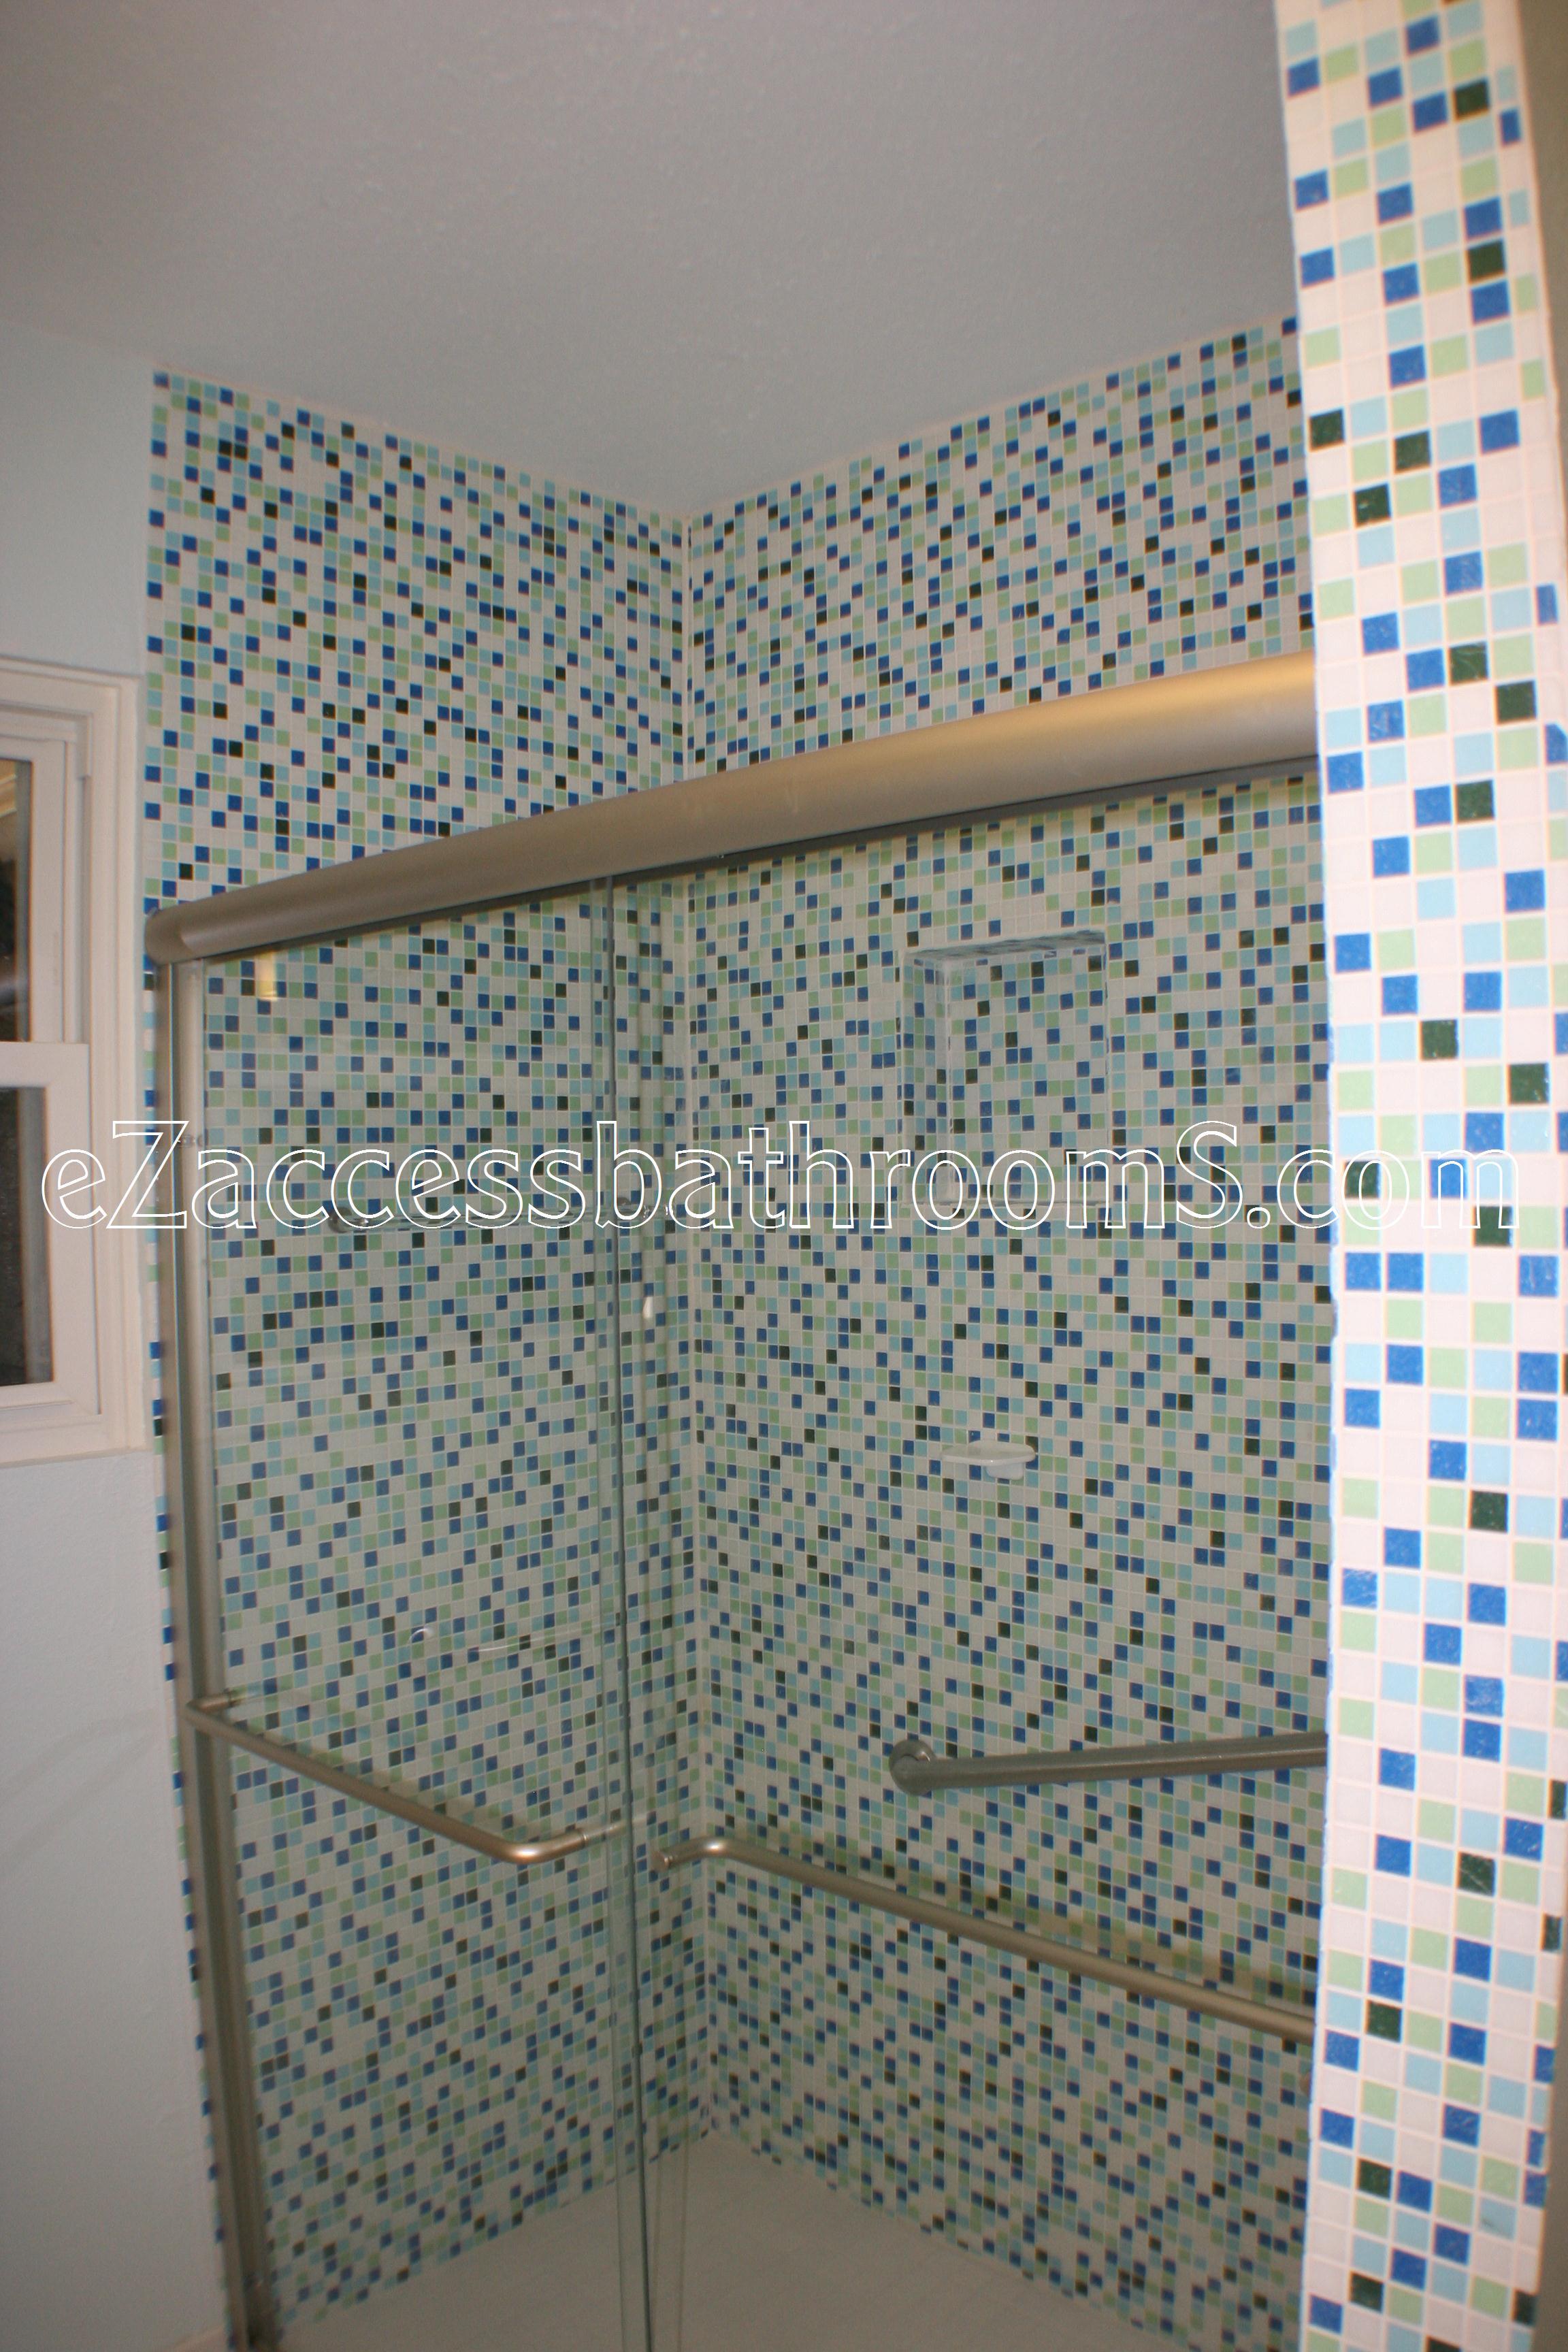 rollin shower ezaccessbathrooms.com 0014.JPG